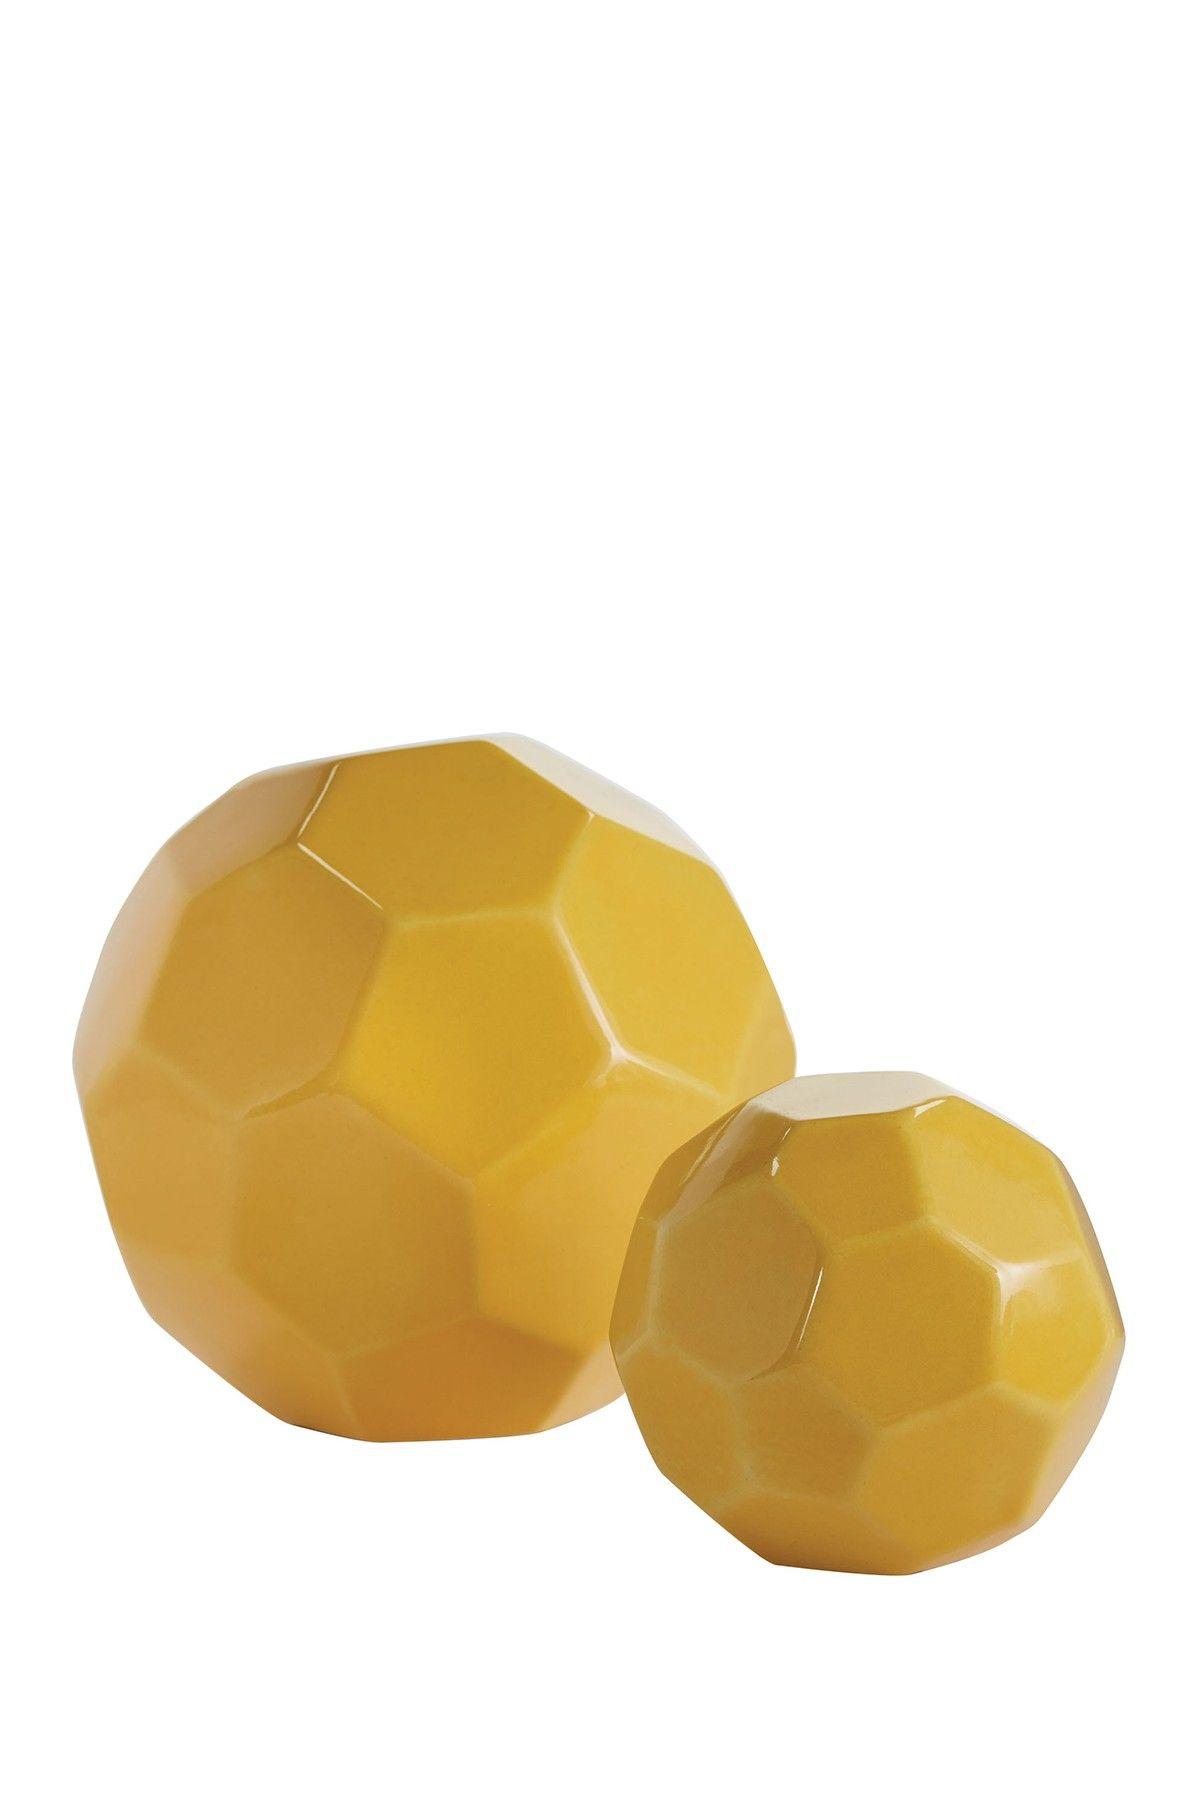 Faceted Spheres - Set of 2 | Elk, Elk lighting and Nordstrom